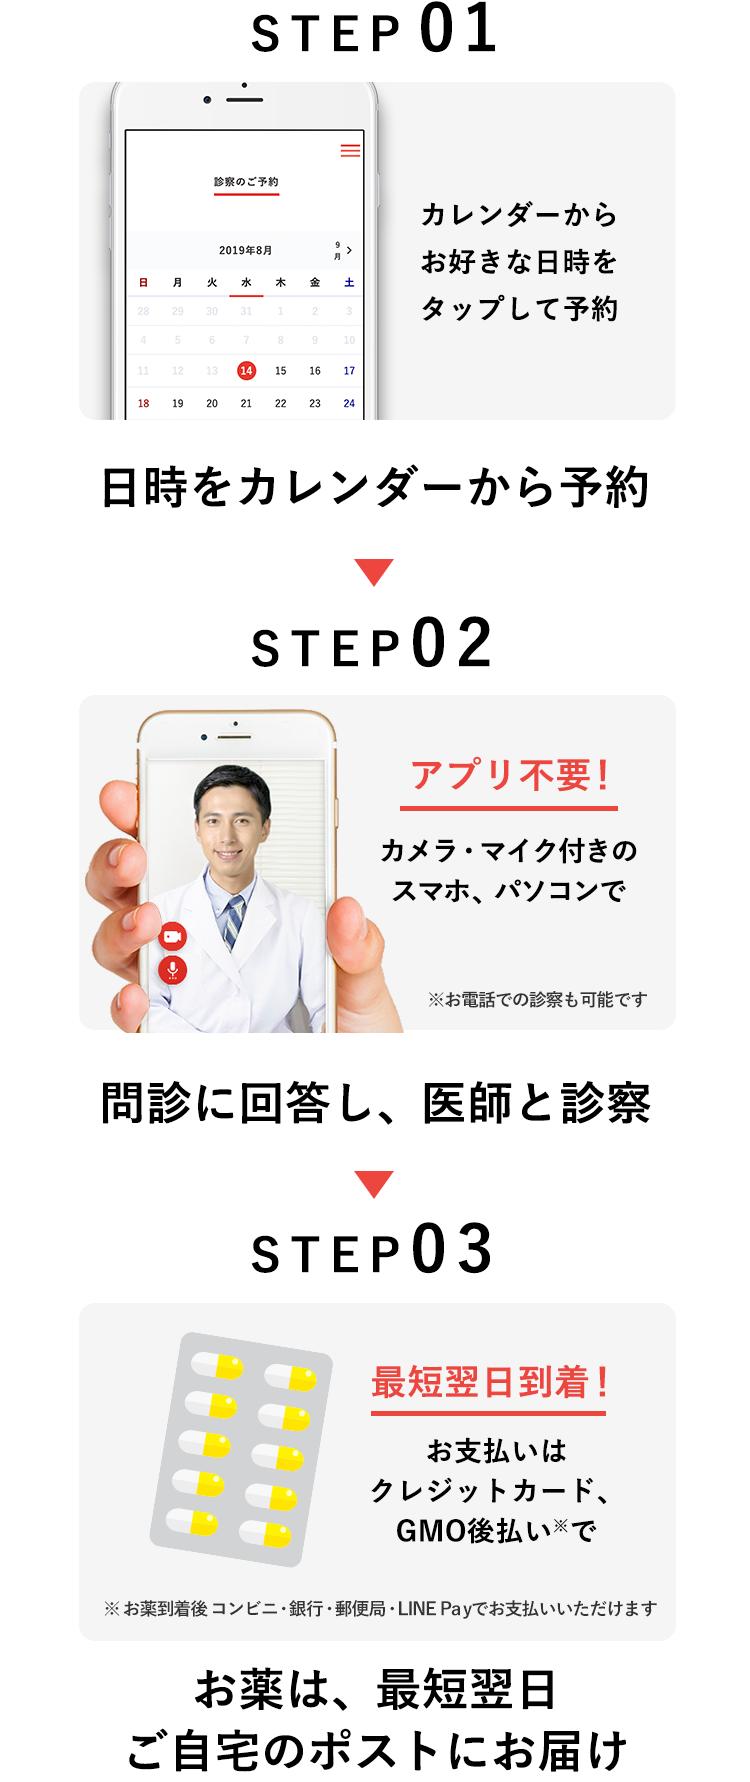 STEP01. 日時をカレンダーから予約   STEP02. 問診に回答し、医師と診察   STEP03. お薬は、最短翌日ご自宅のポストにお届け